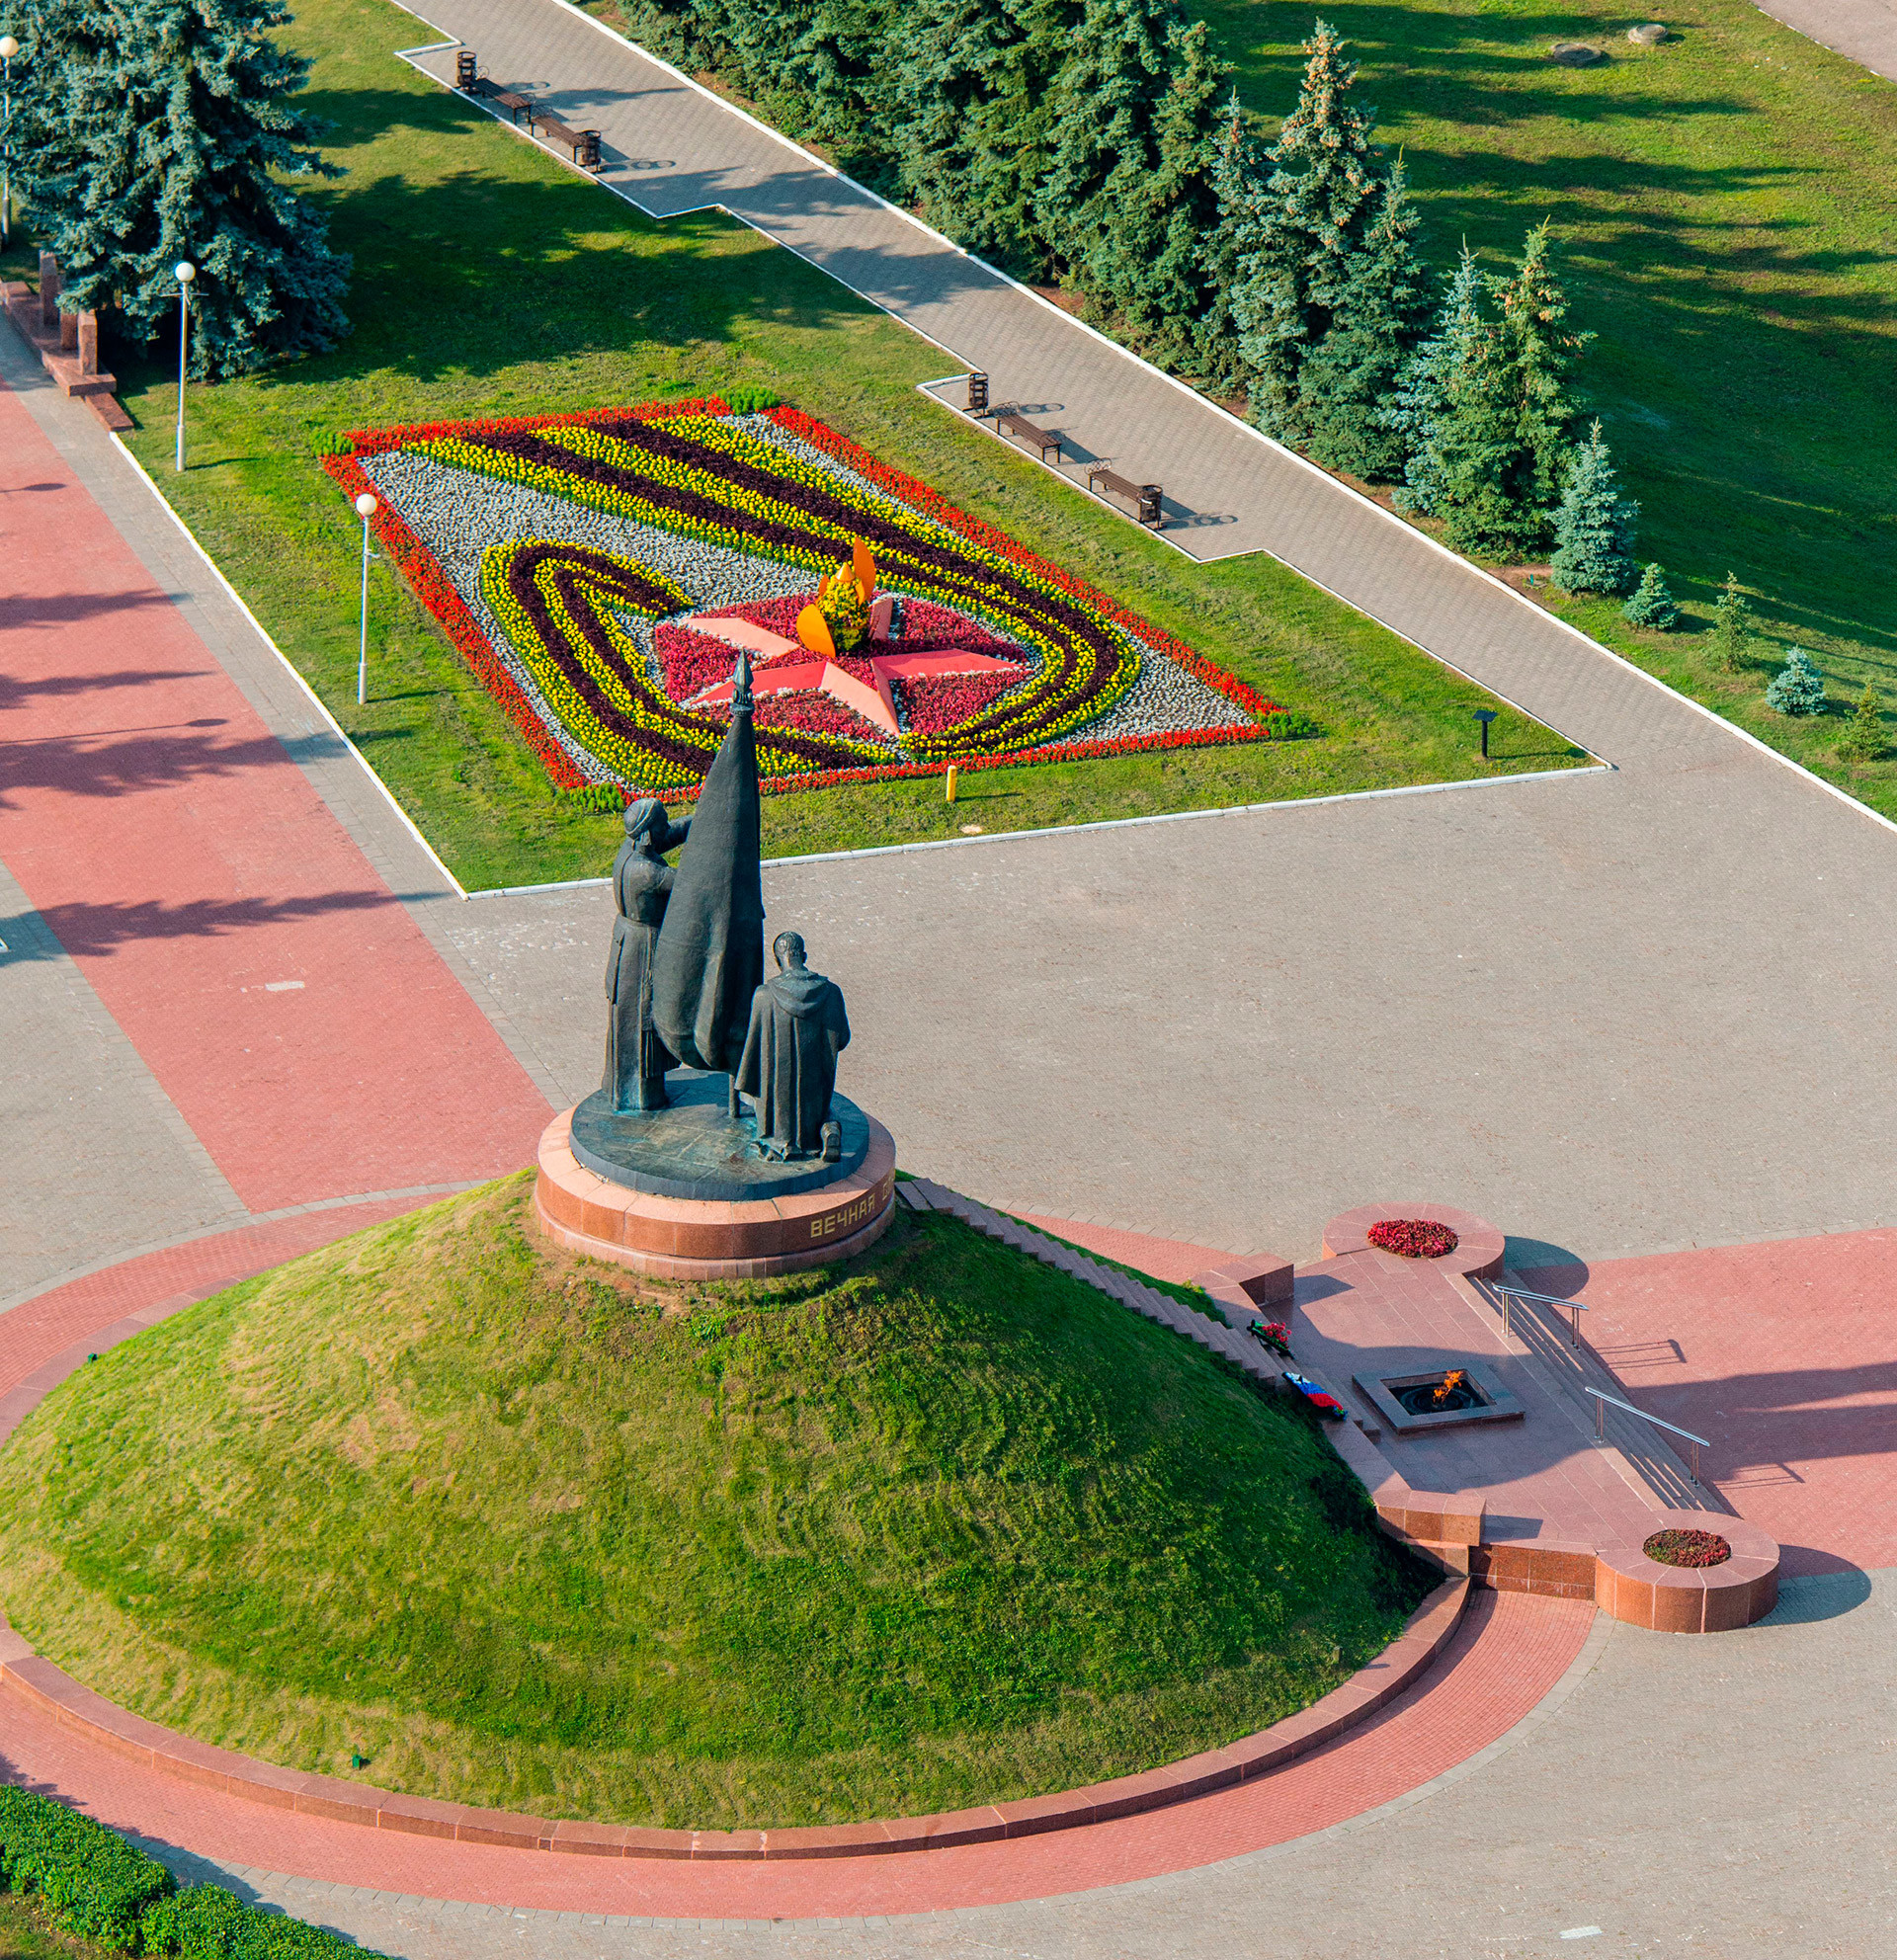 Monumento a los Héroes de la Segunda Guerra Mundial en el Parque Pobedi, Cheboksari.